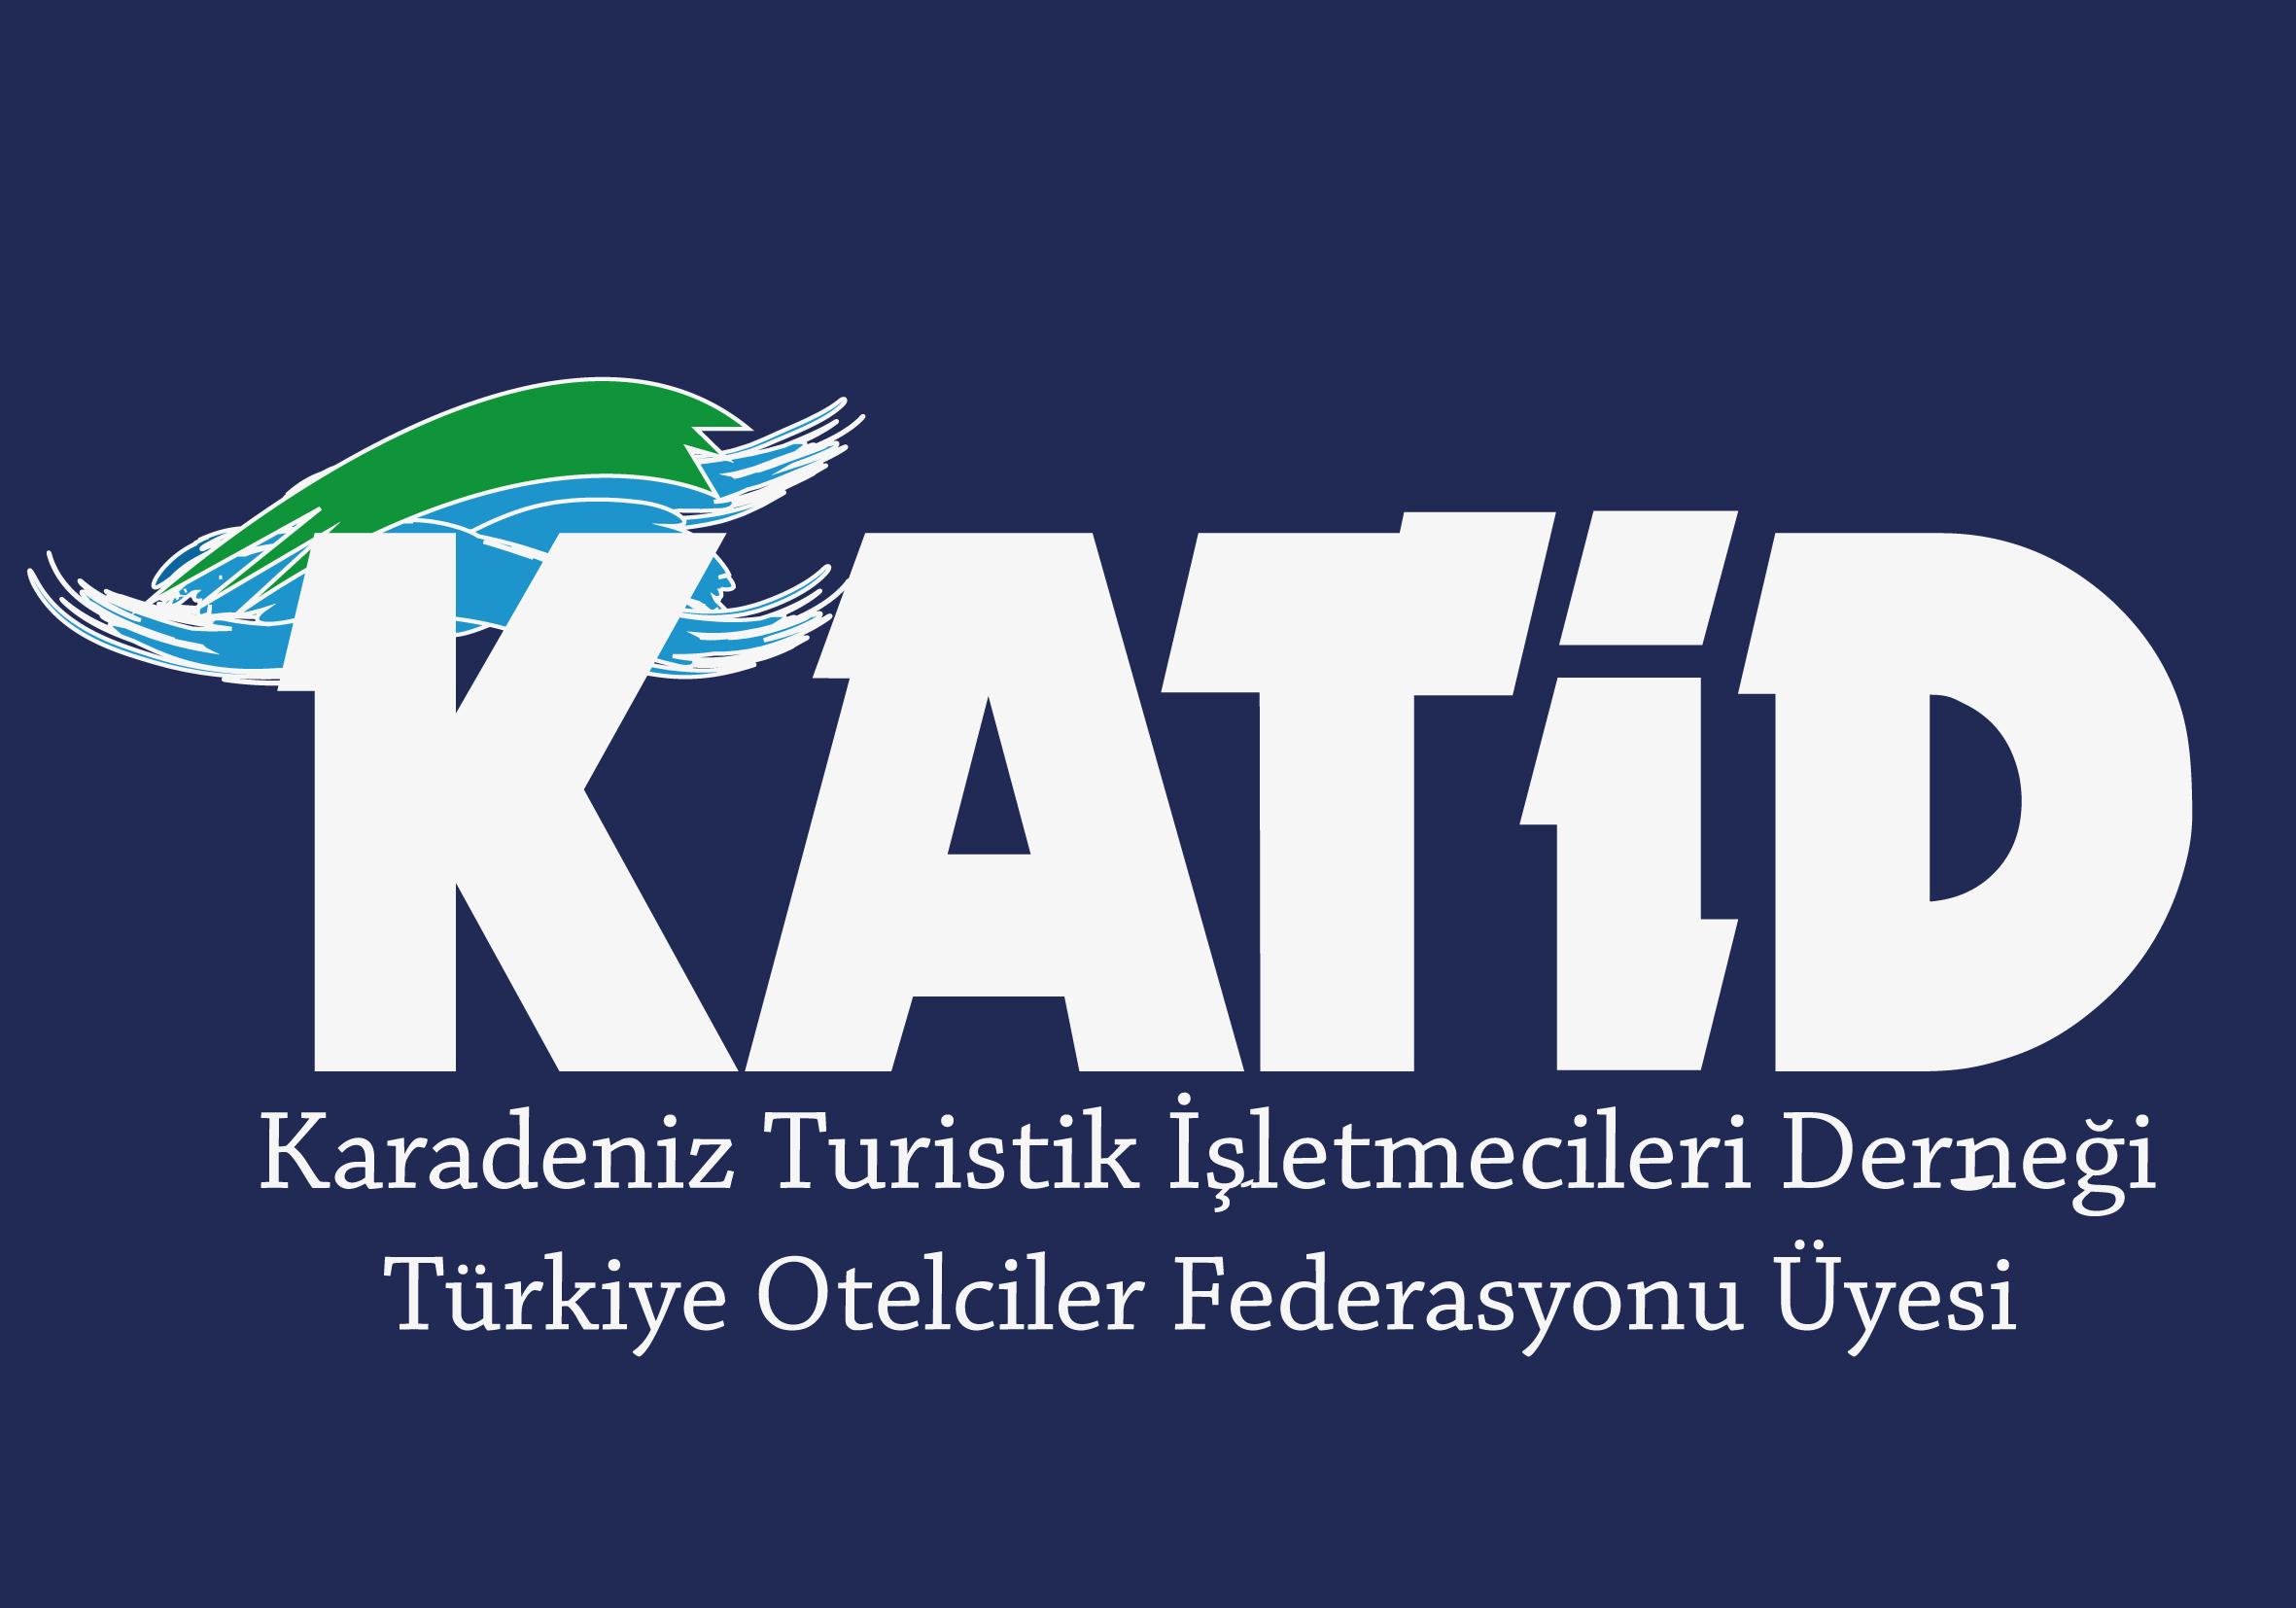 Karadeniz Turistik İşletmecileri Derneği